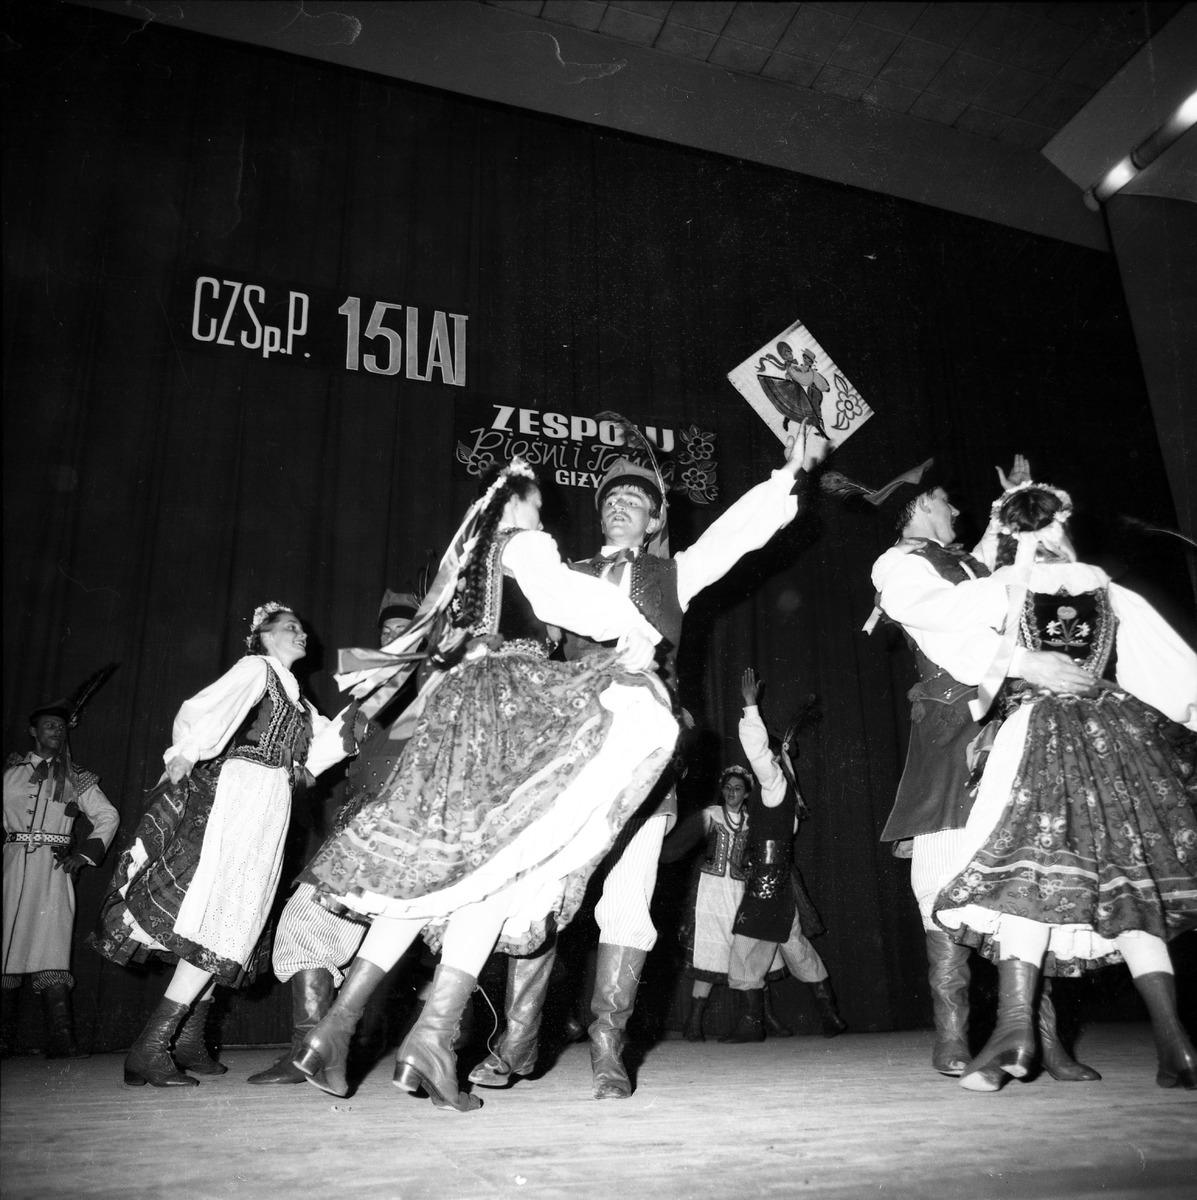 Jubileusz 15-lecia Zespołu,  1986 r.